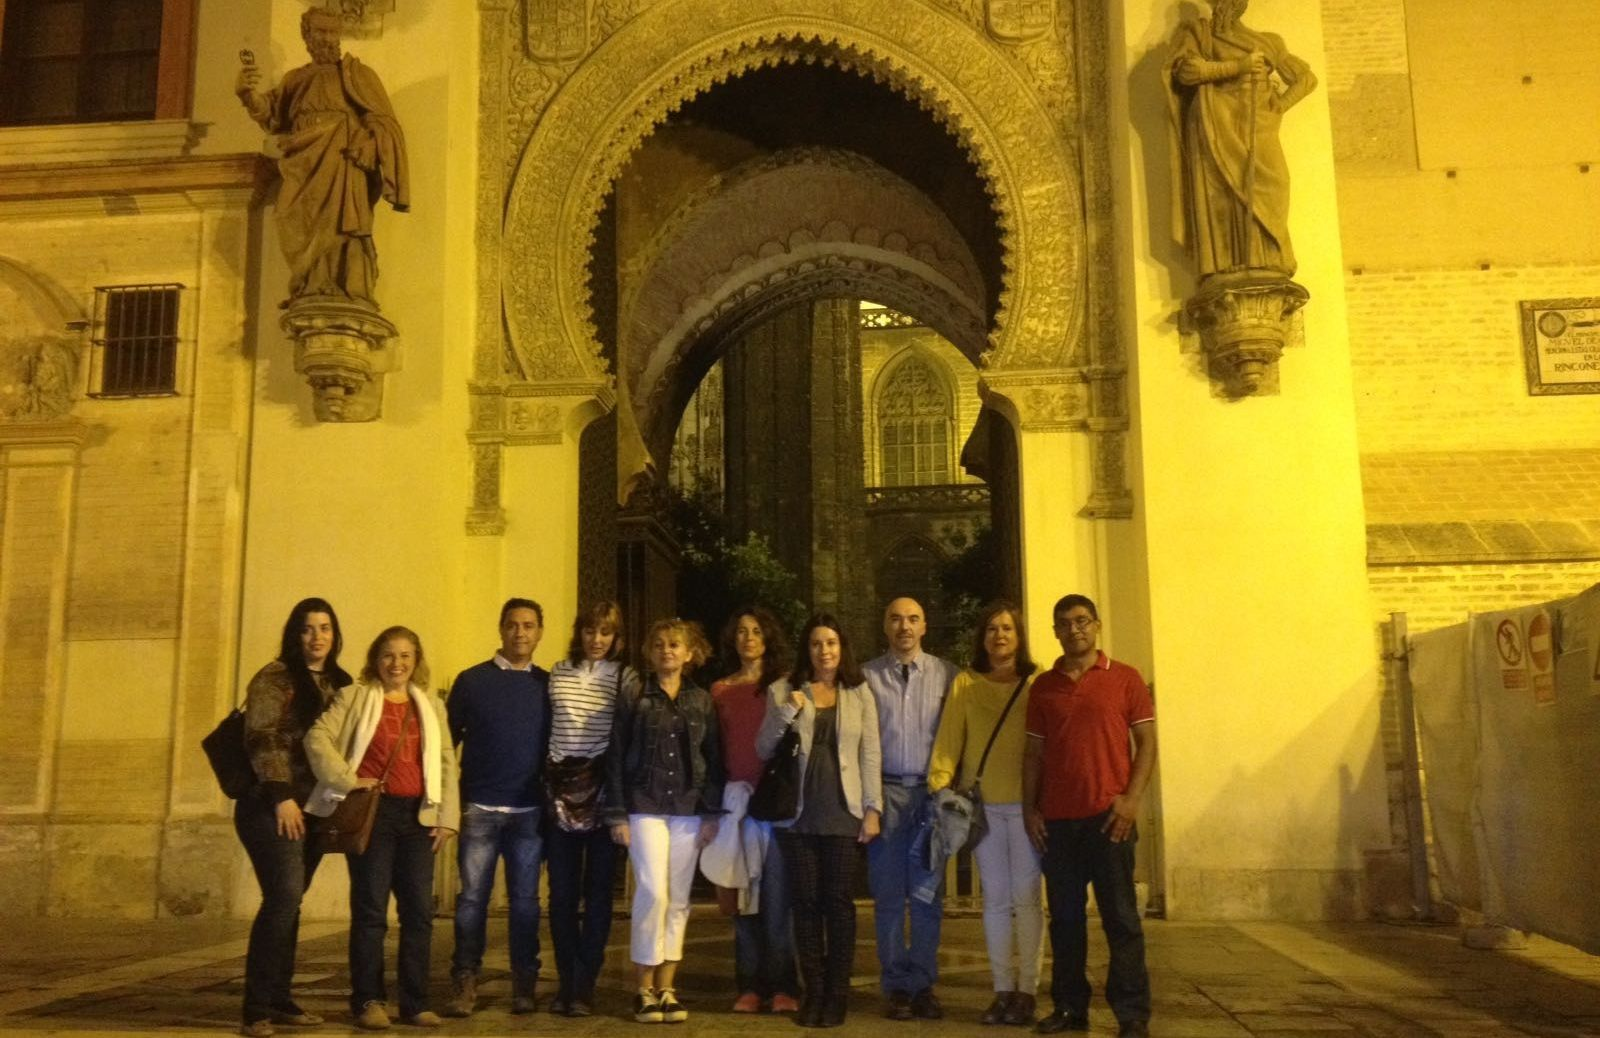 rutas y visitas culturales. Conocer Sevilla. Rutas Culturales y Visitas Guiadas en Sevilla. rutas por Sevilla